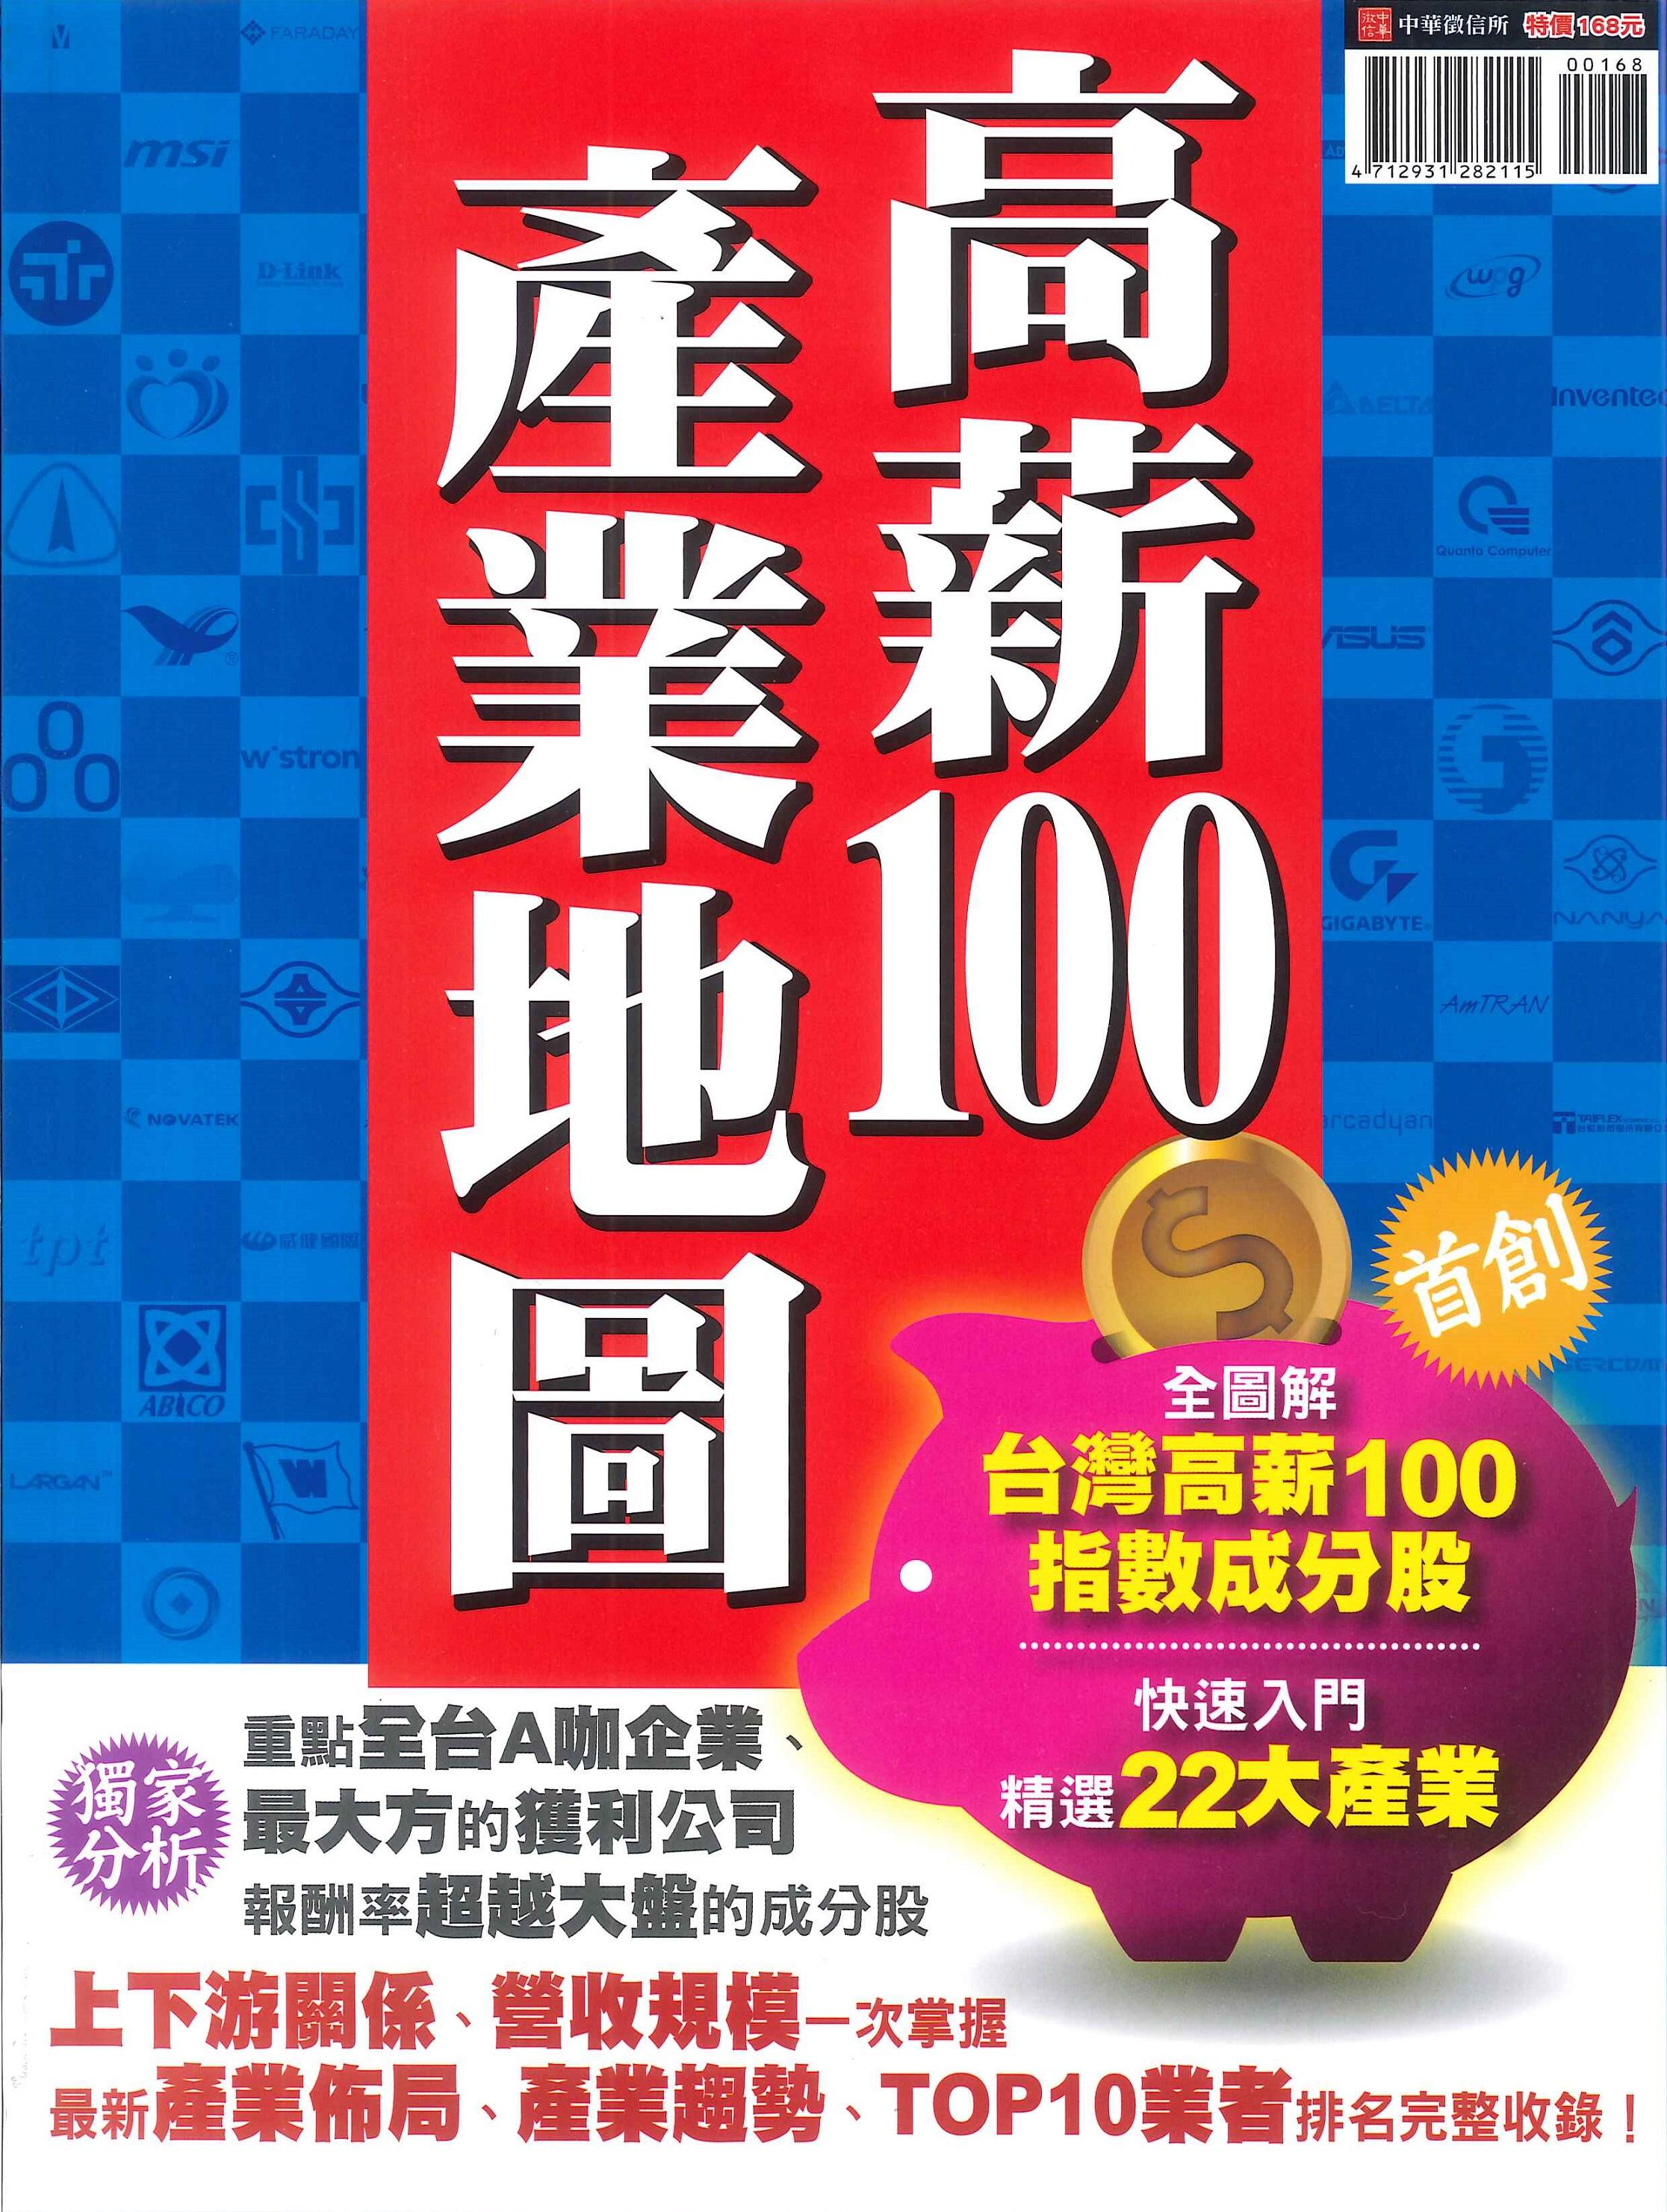 高薪100產業地圖